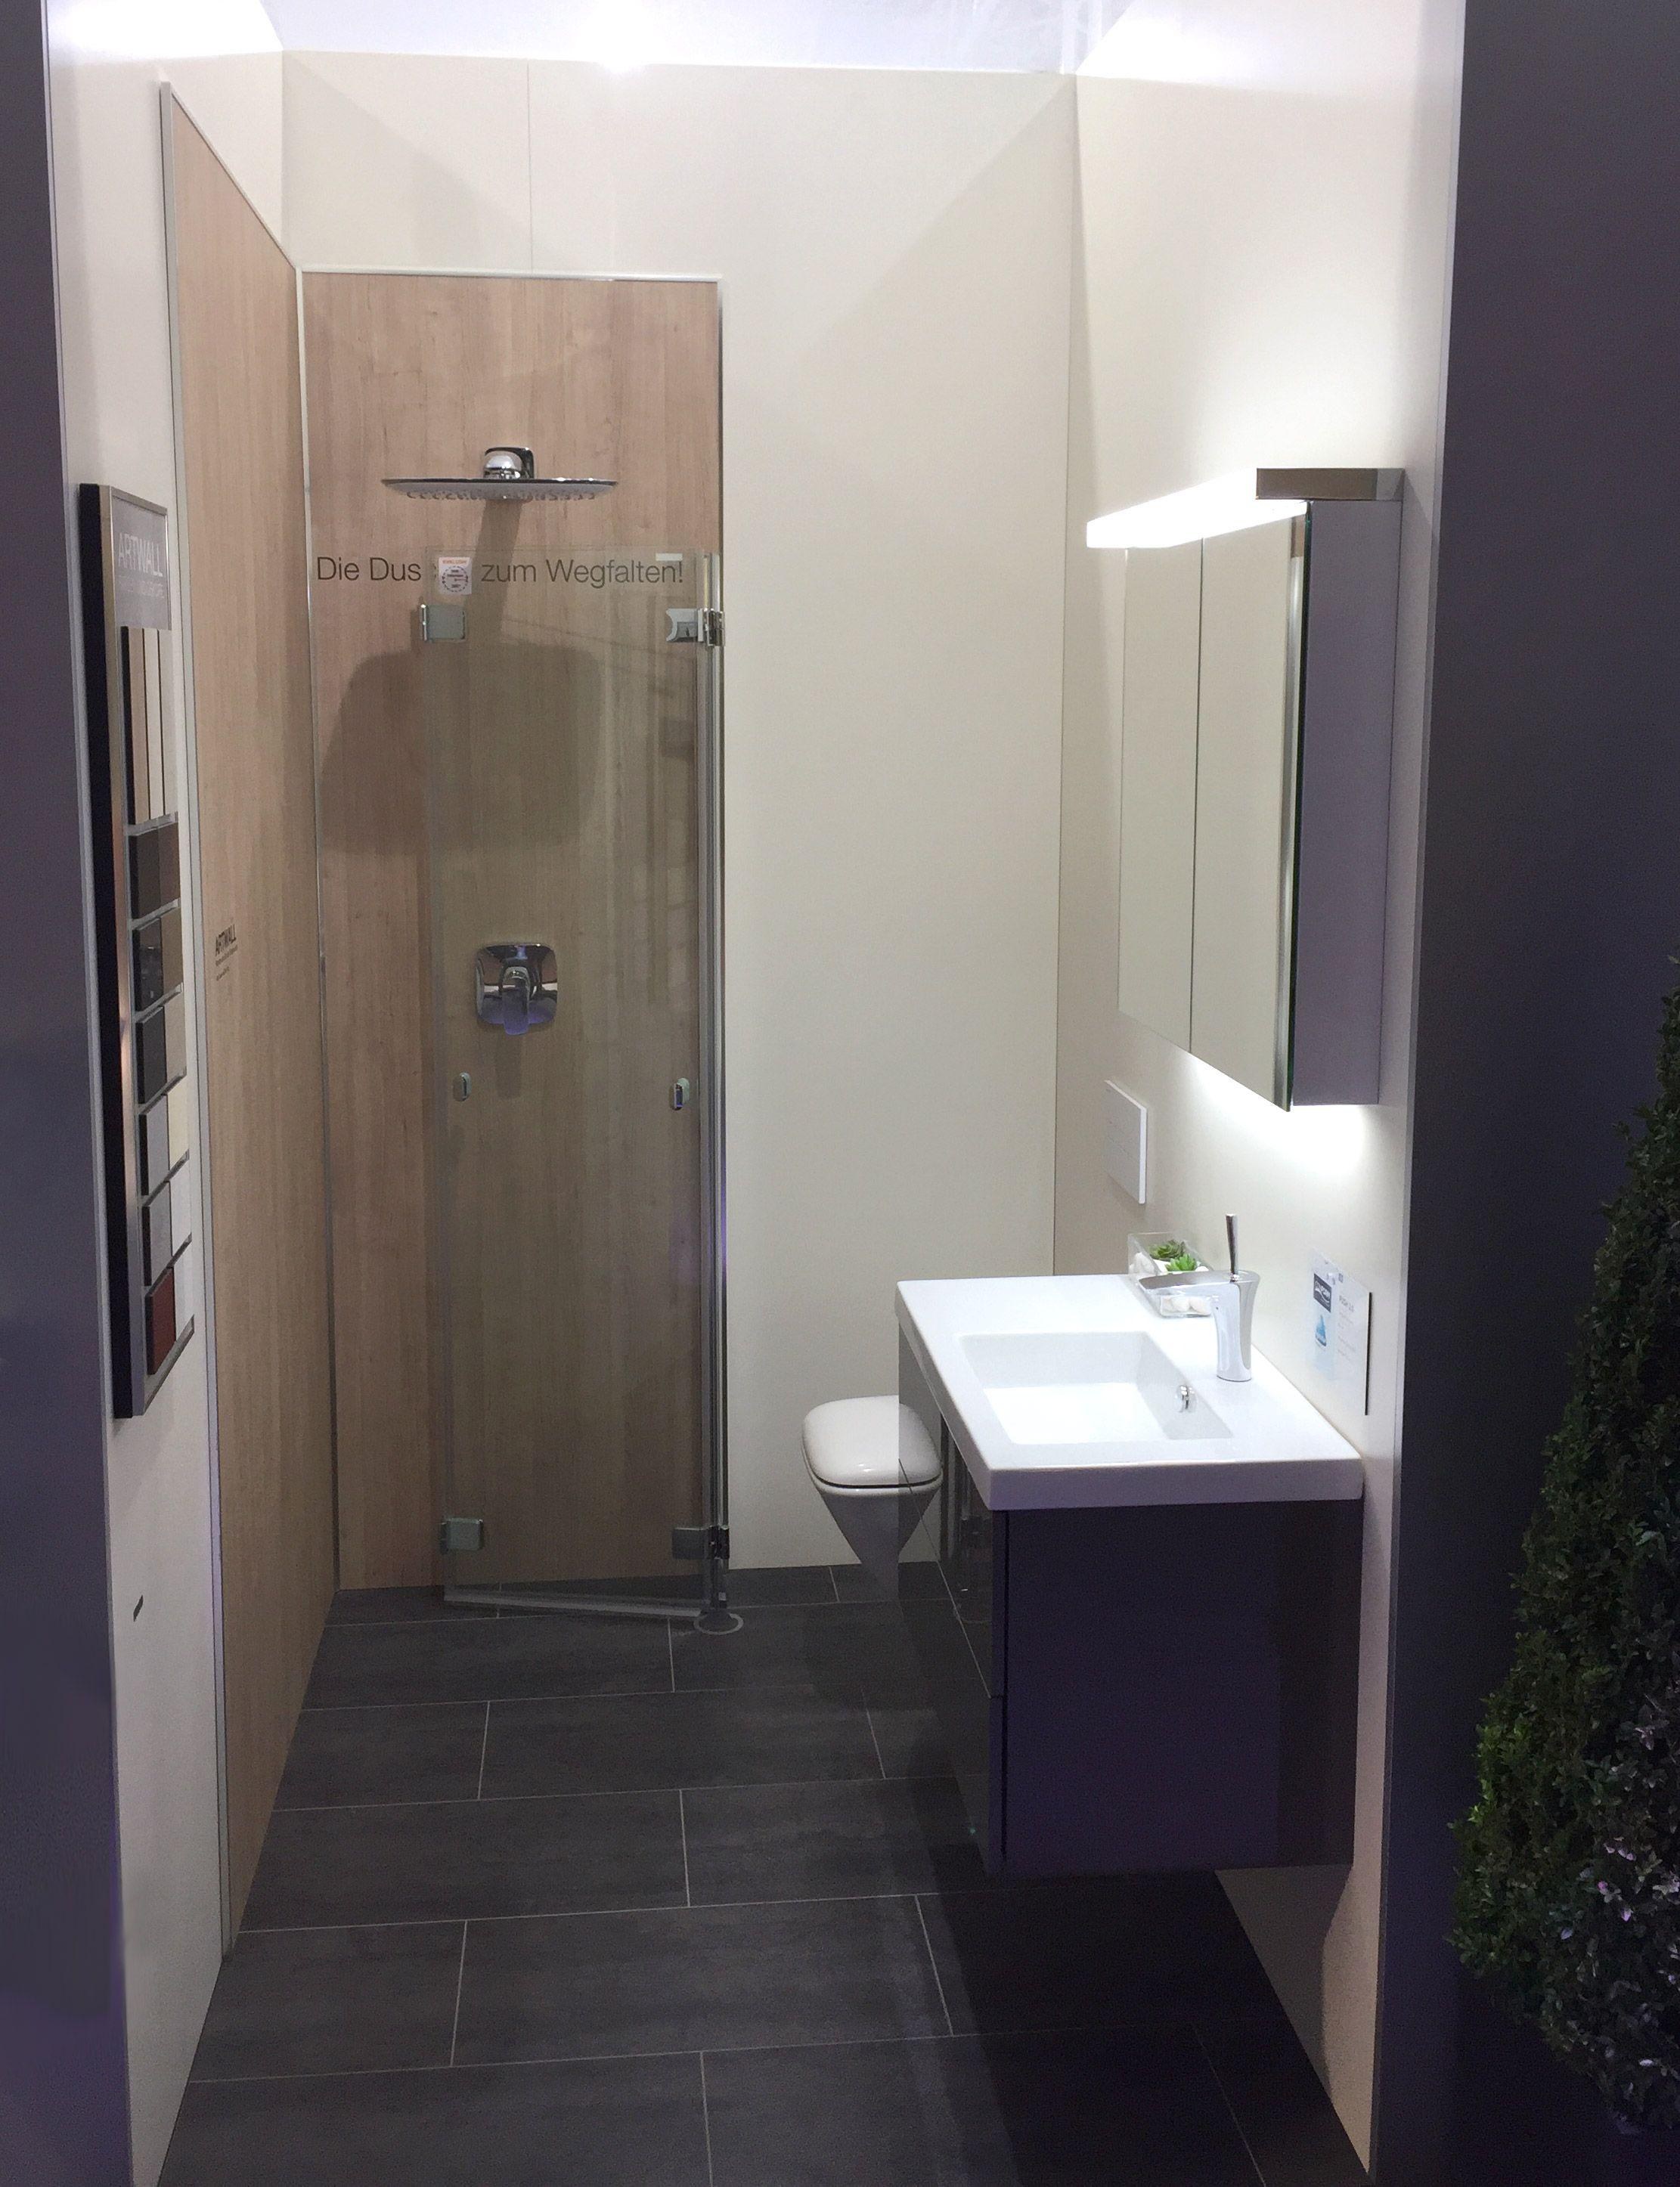 In Diesem Minibad Findet Waschbecken Wc Und Dusche Platz